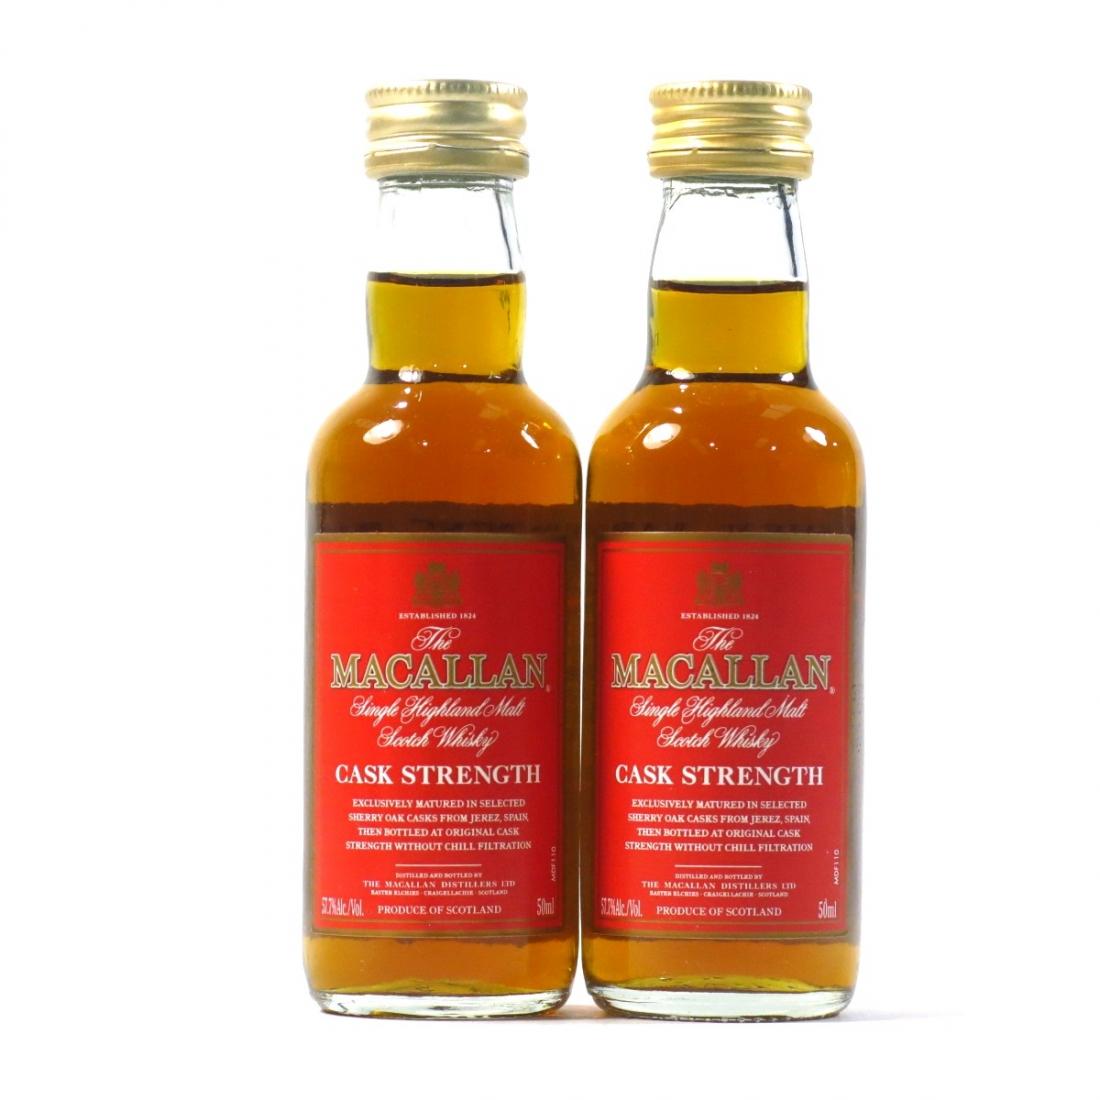 Macallan Cask Strength Miniature 2 x 5cl / US Import